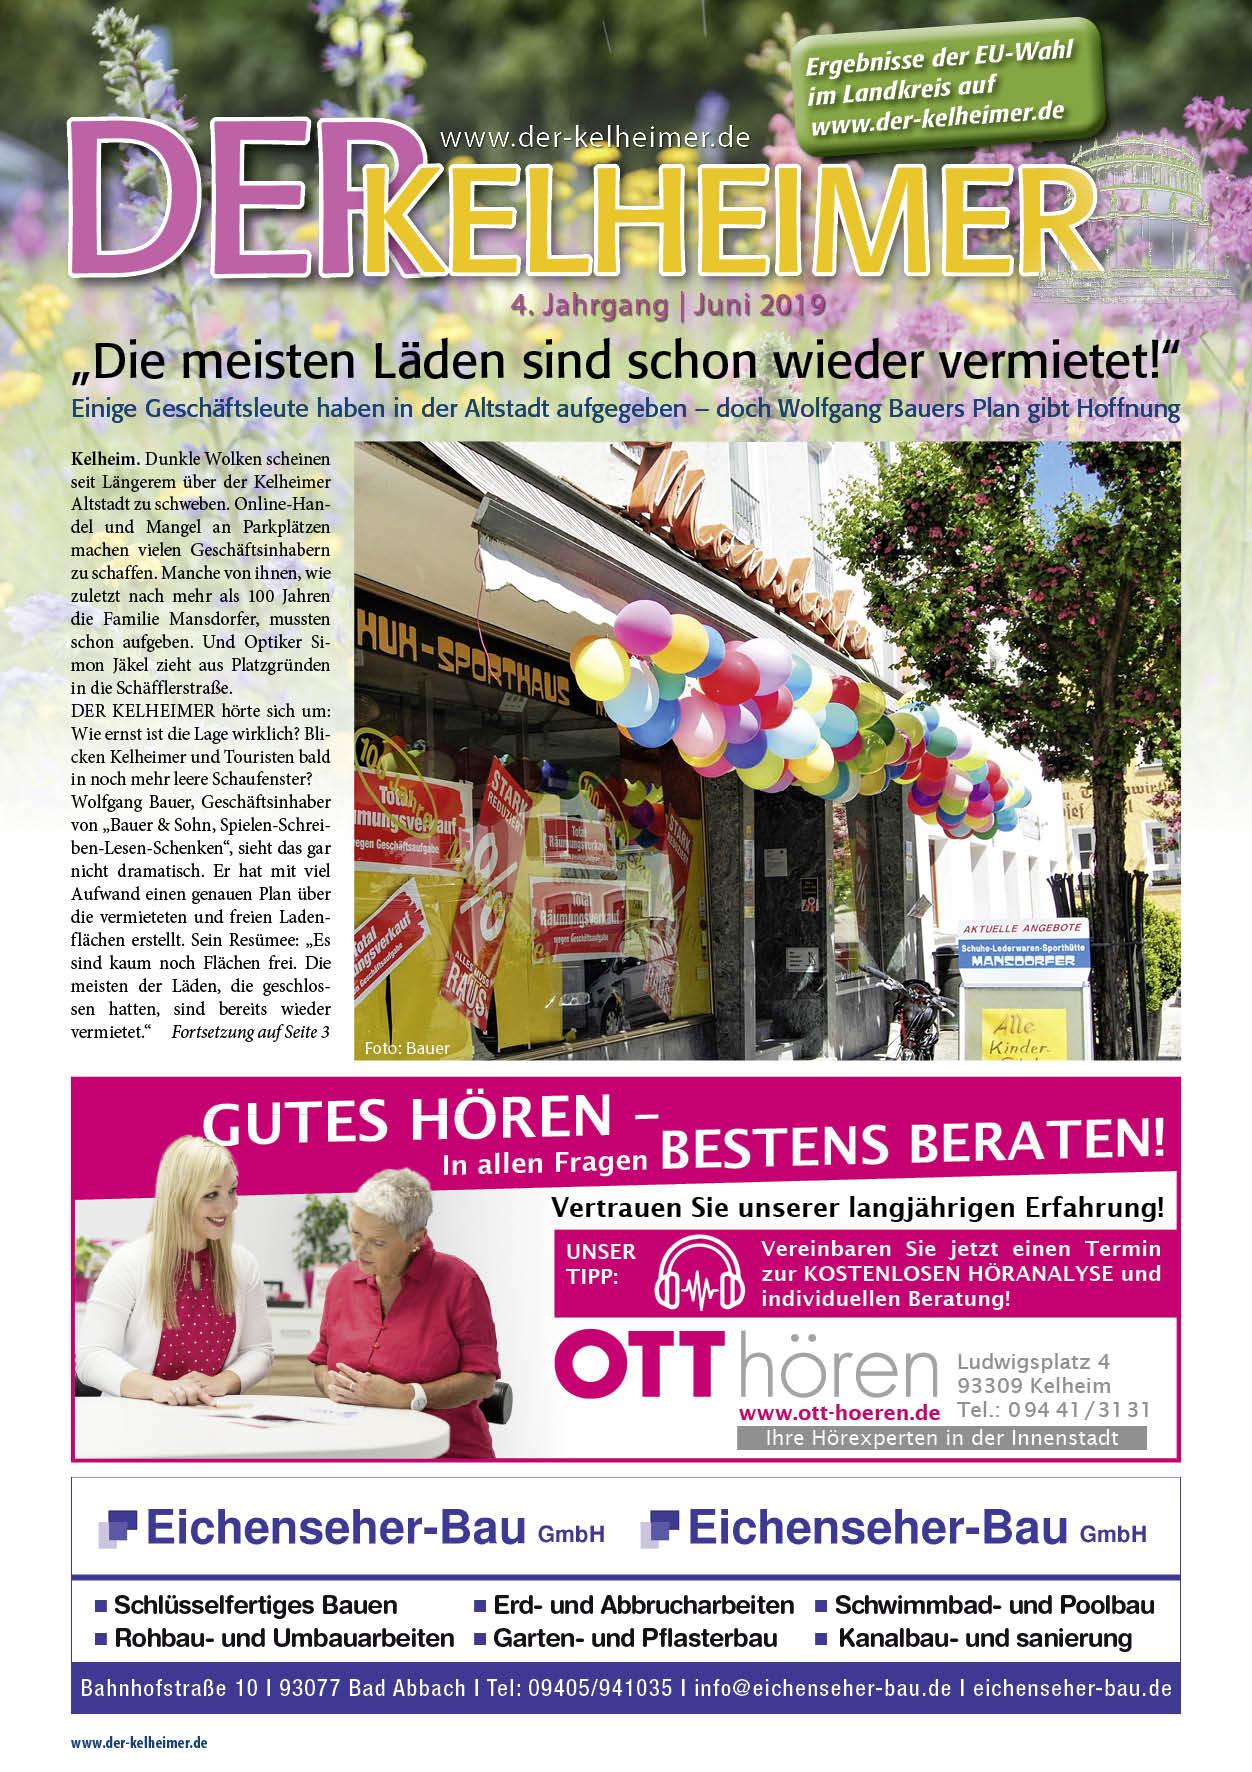 Der-Kelheimer-2019-06